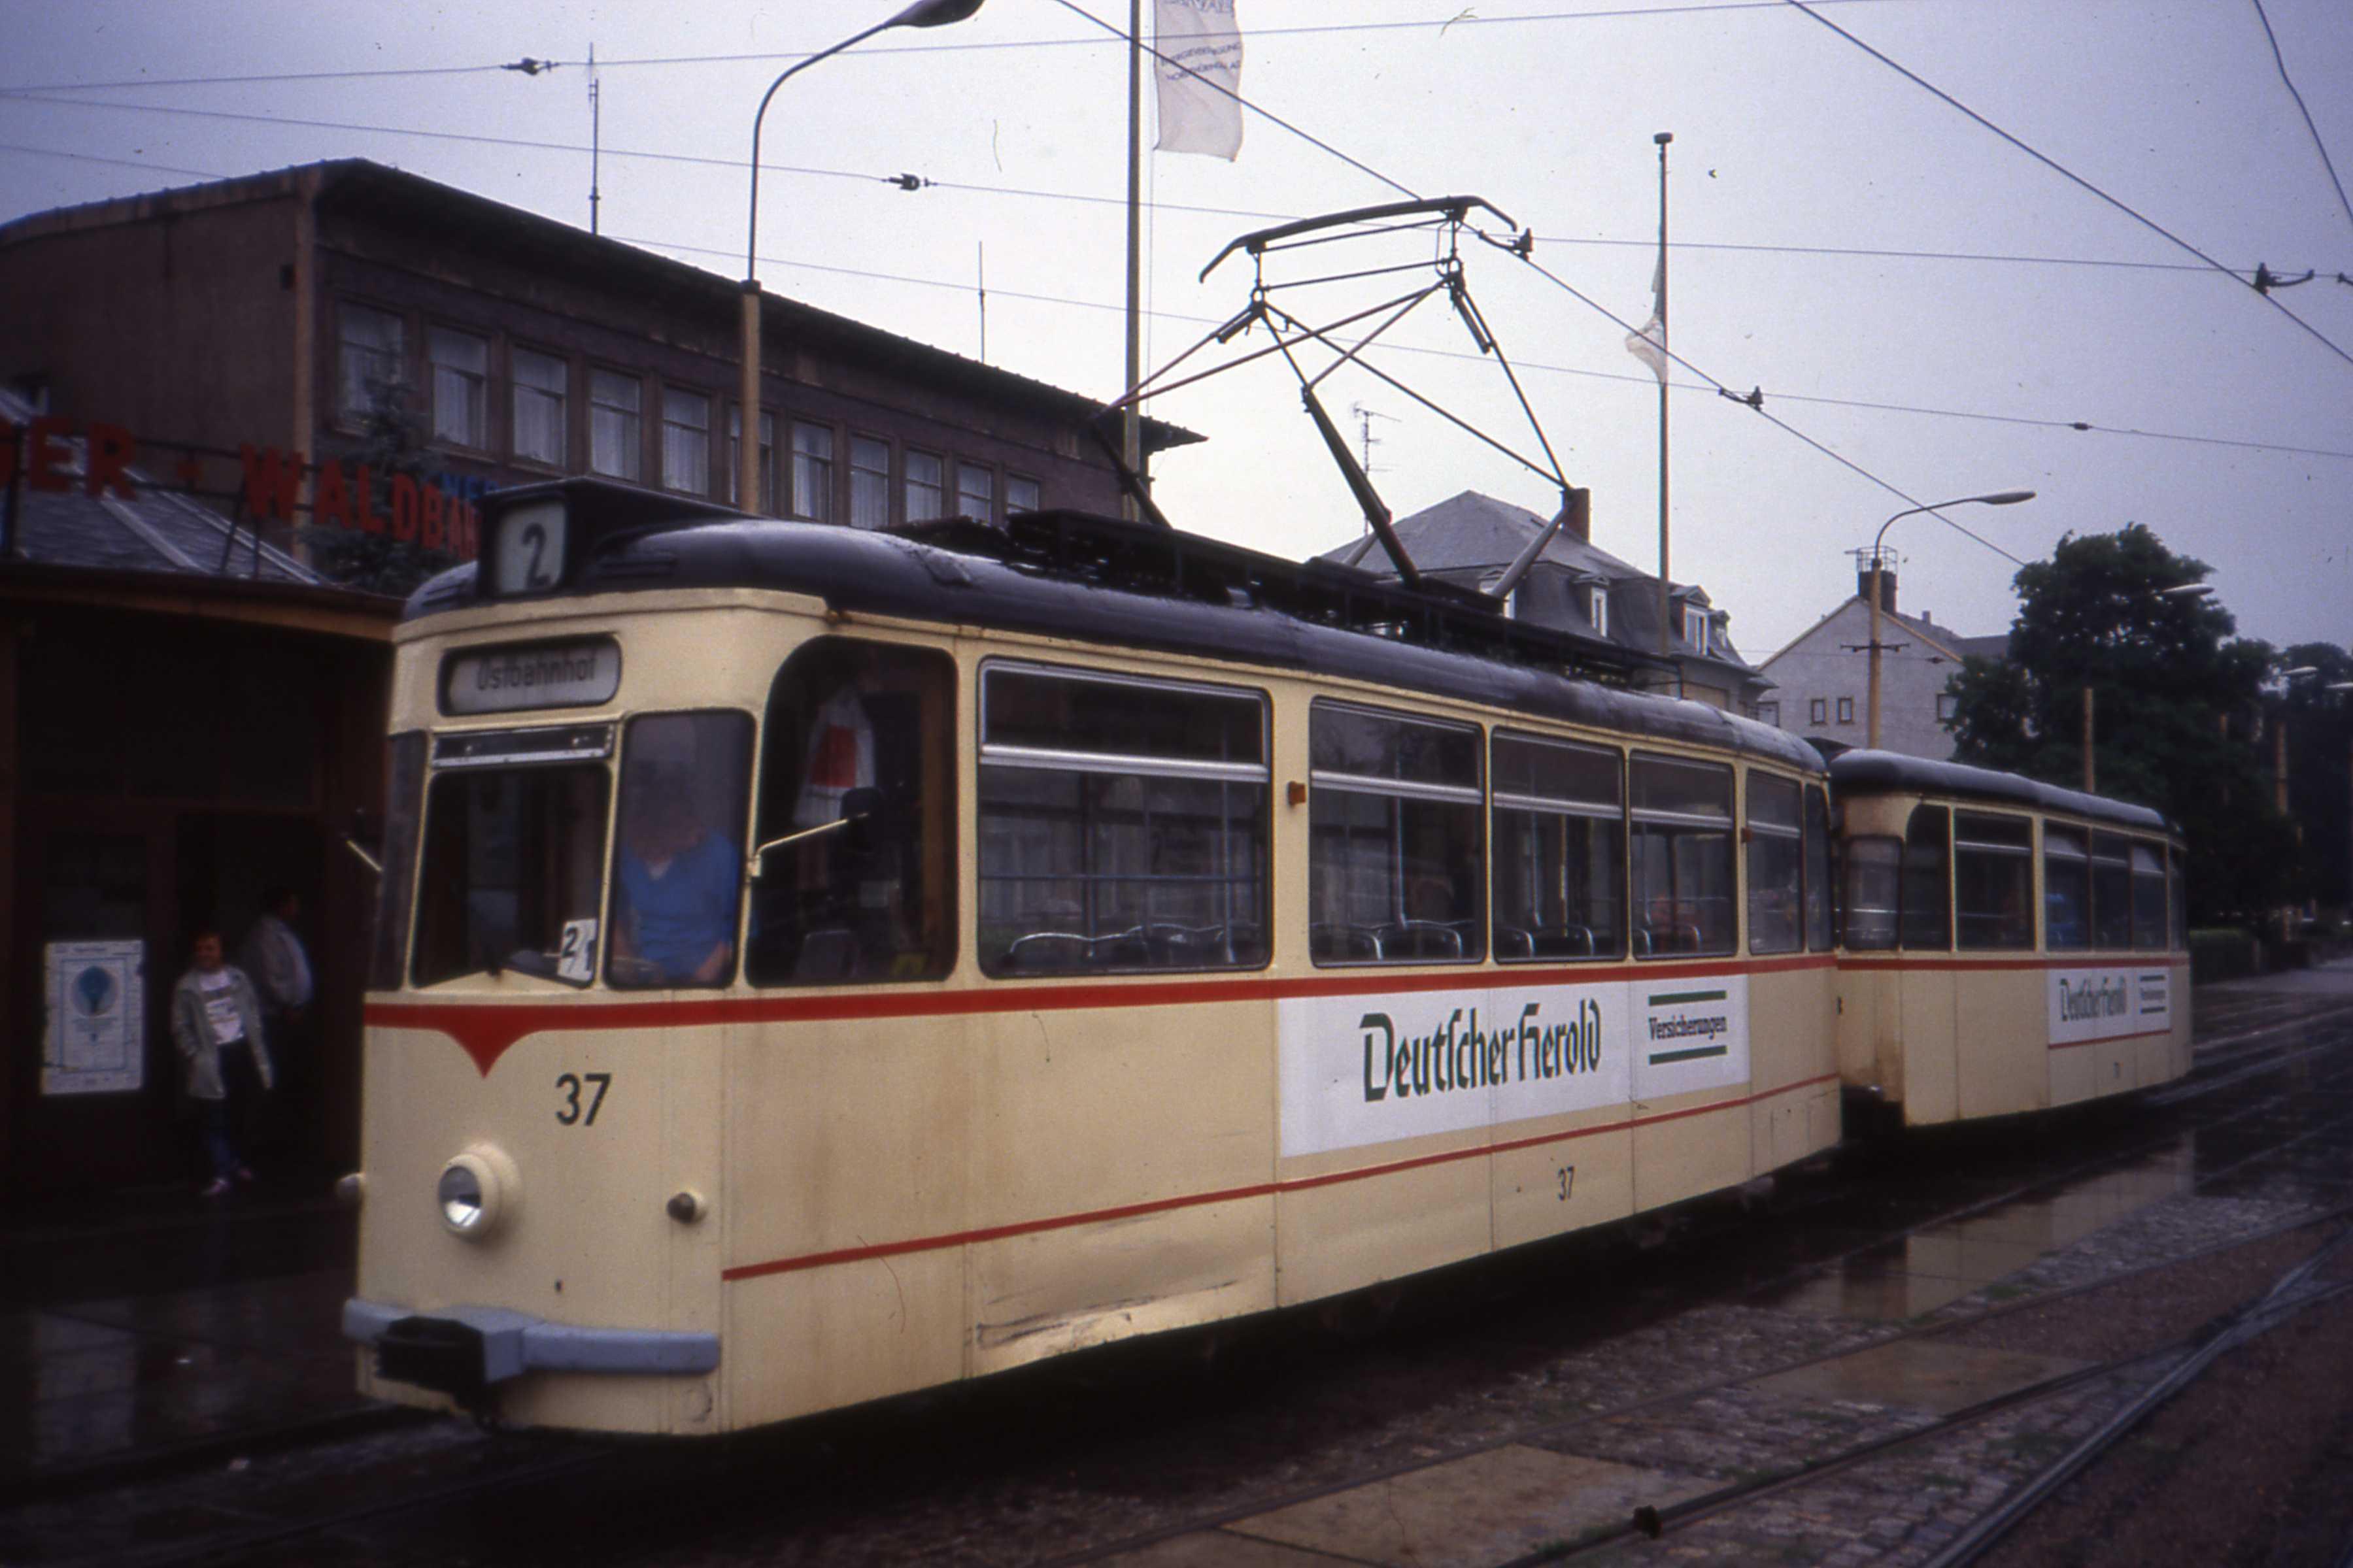 CKD - Gotha T2D tram nr 37 with Beiwagen, Gotha Hauptbahnhof, Linie 2 Aug 1991 - Flickr - sludgegulper.jpg